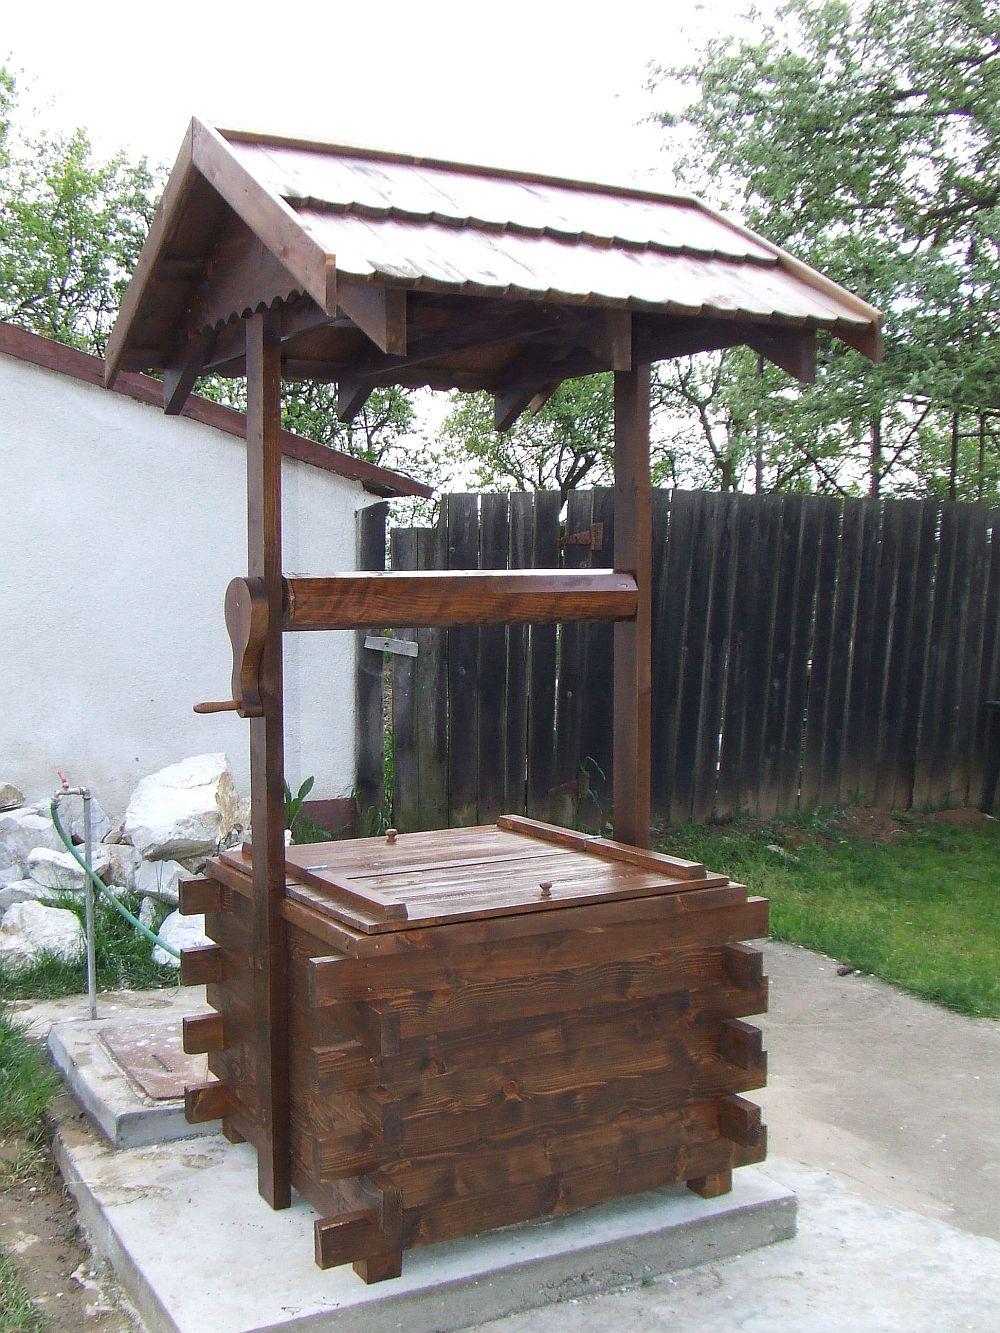 adelaparvu.com despre fantani decorative din lemn, masti pentru fantani, design Rustic Design, oradea (8)